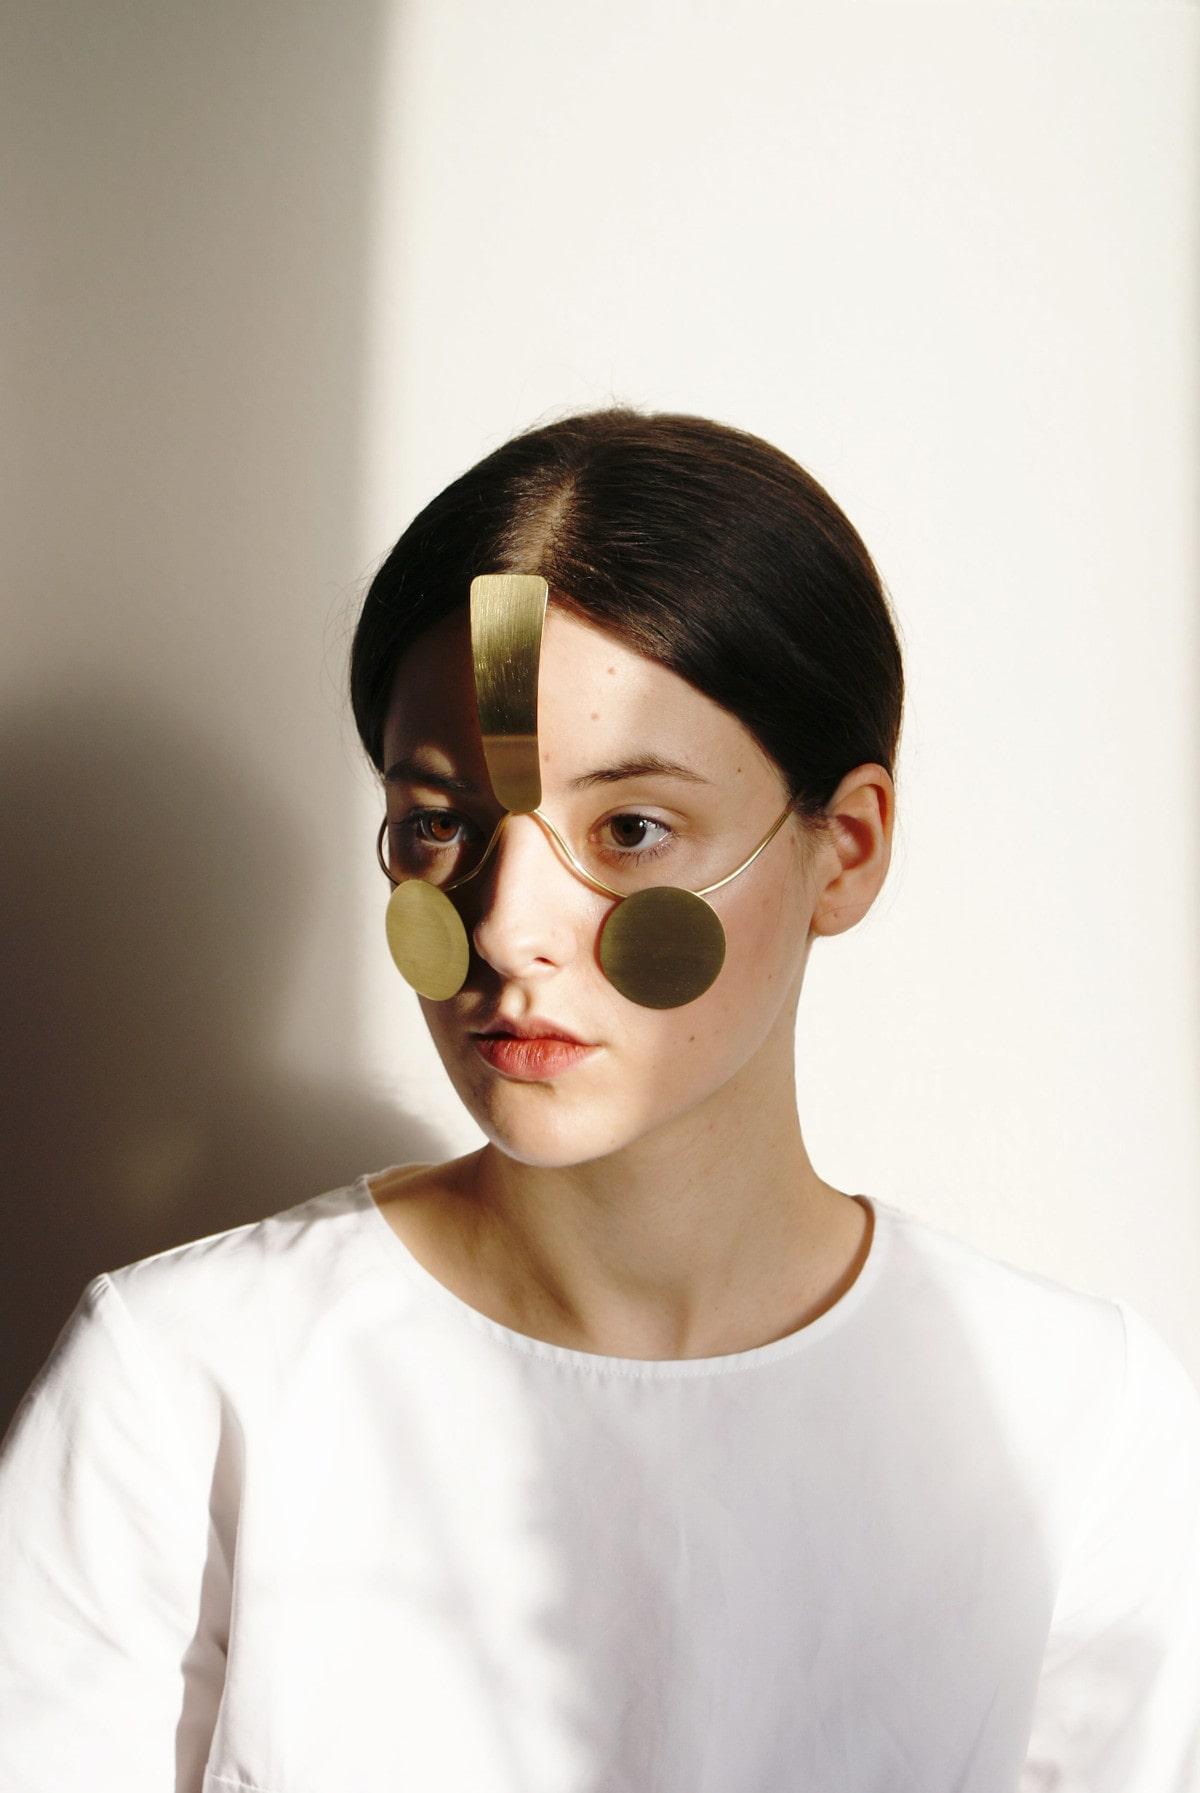 biżuteria chroniąca przed rozpoznawaniem twarzy